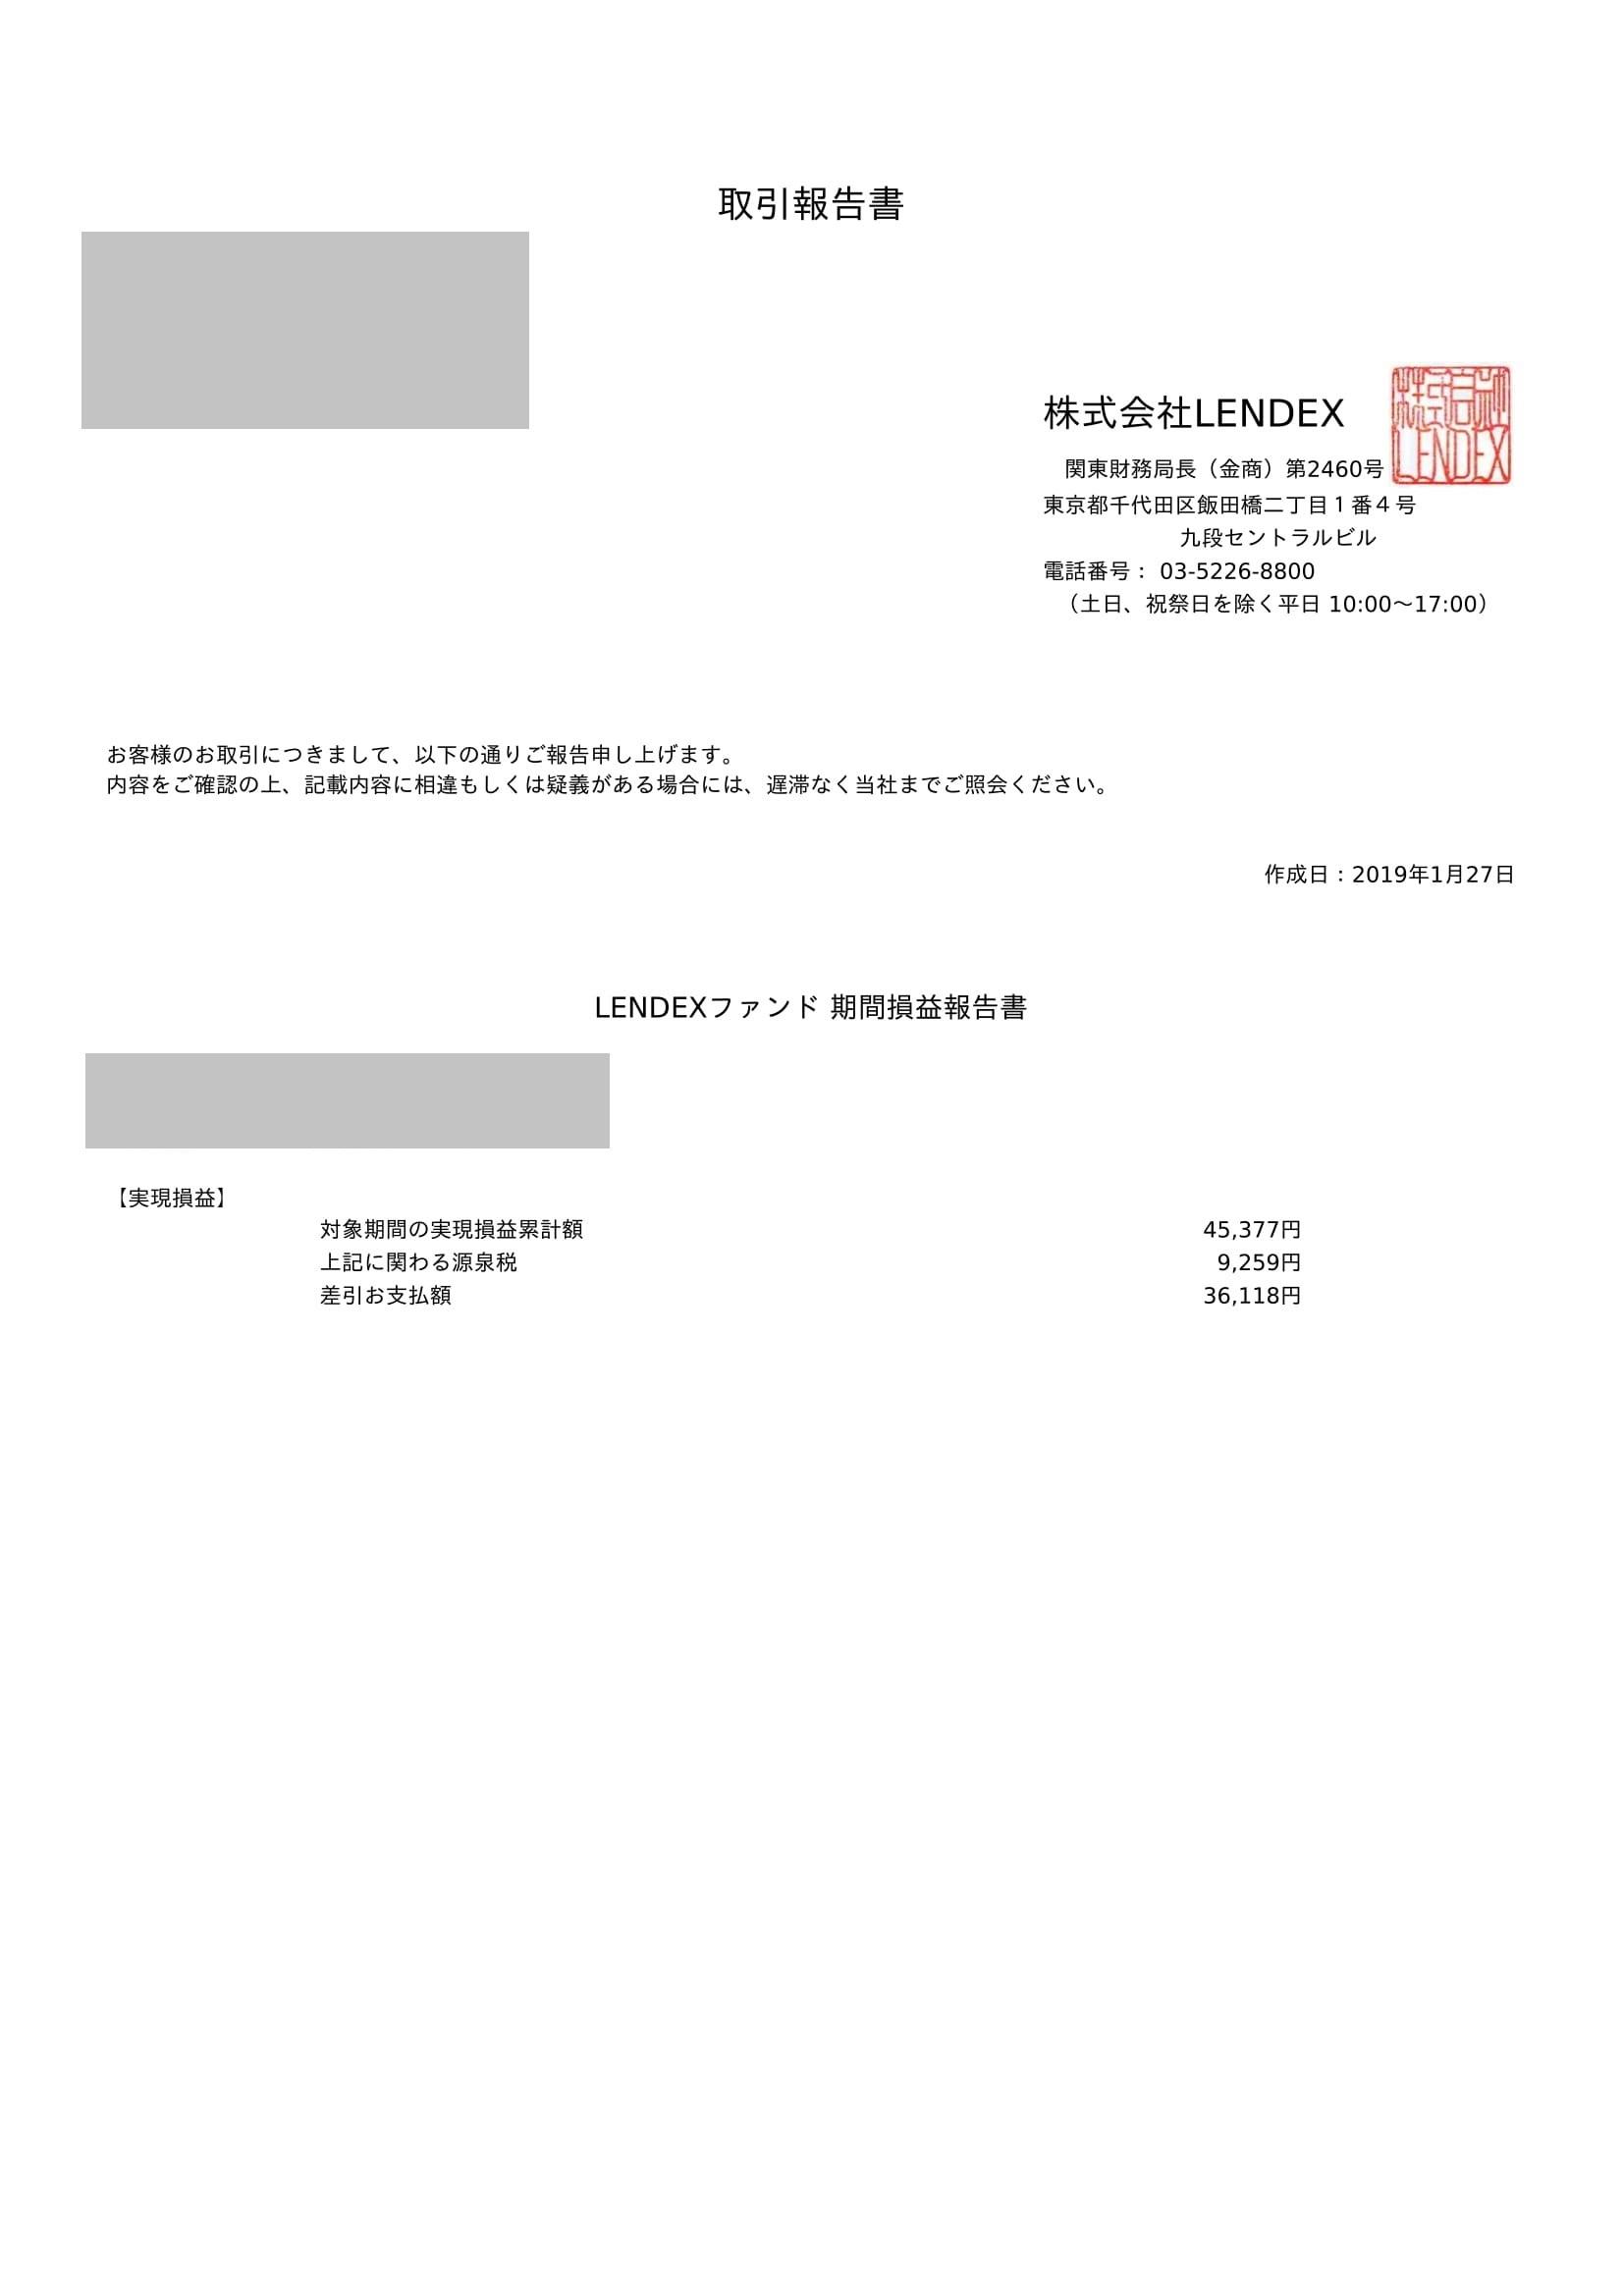 LENDEX取引報告書 (1)-1